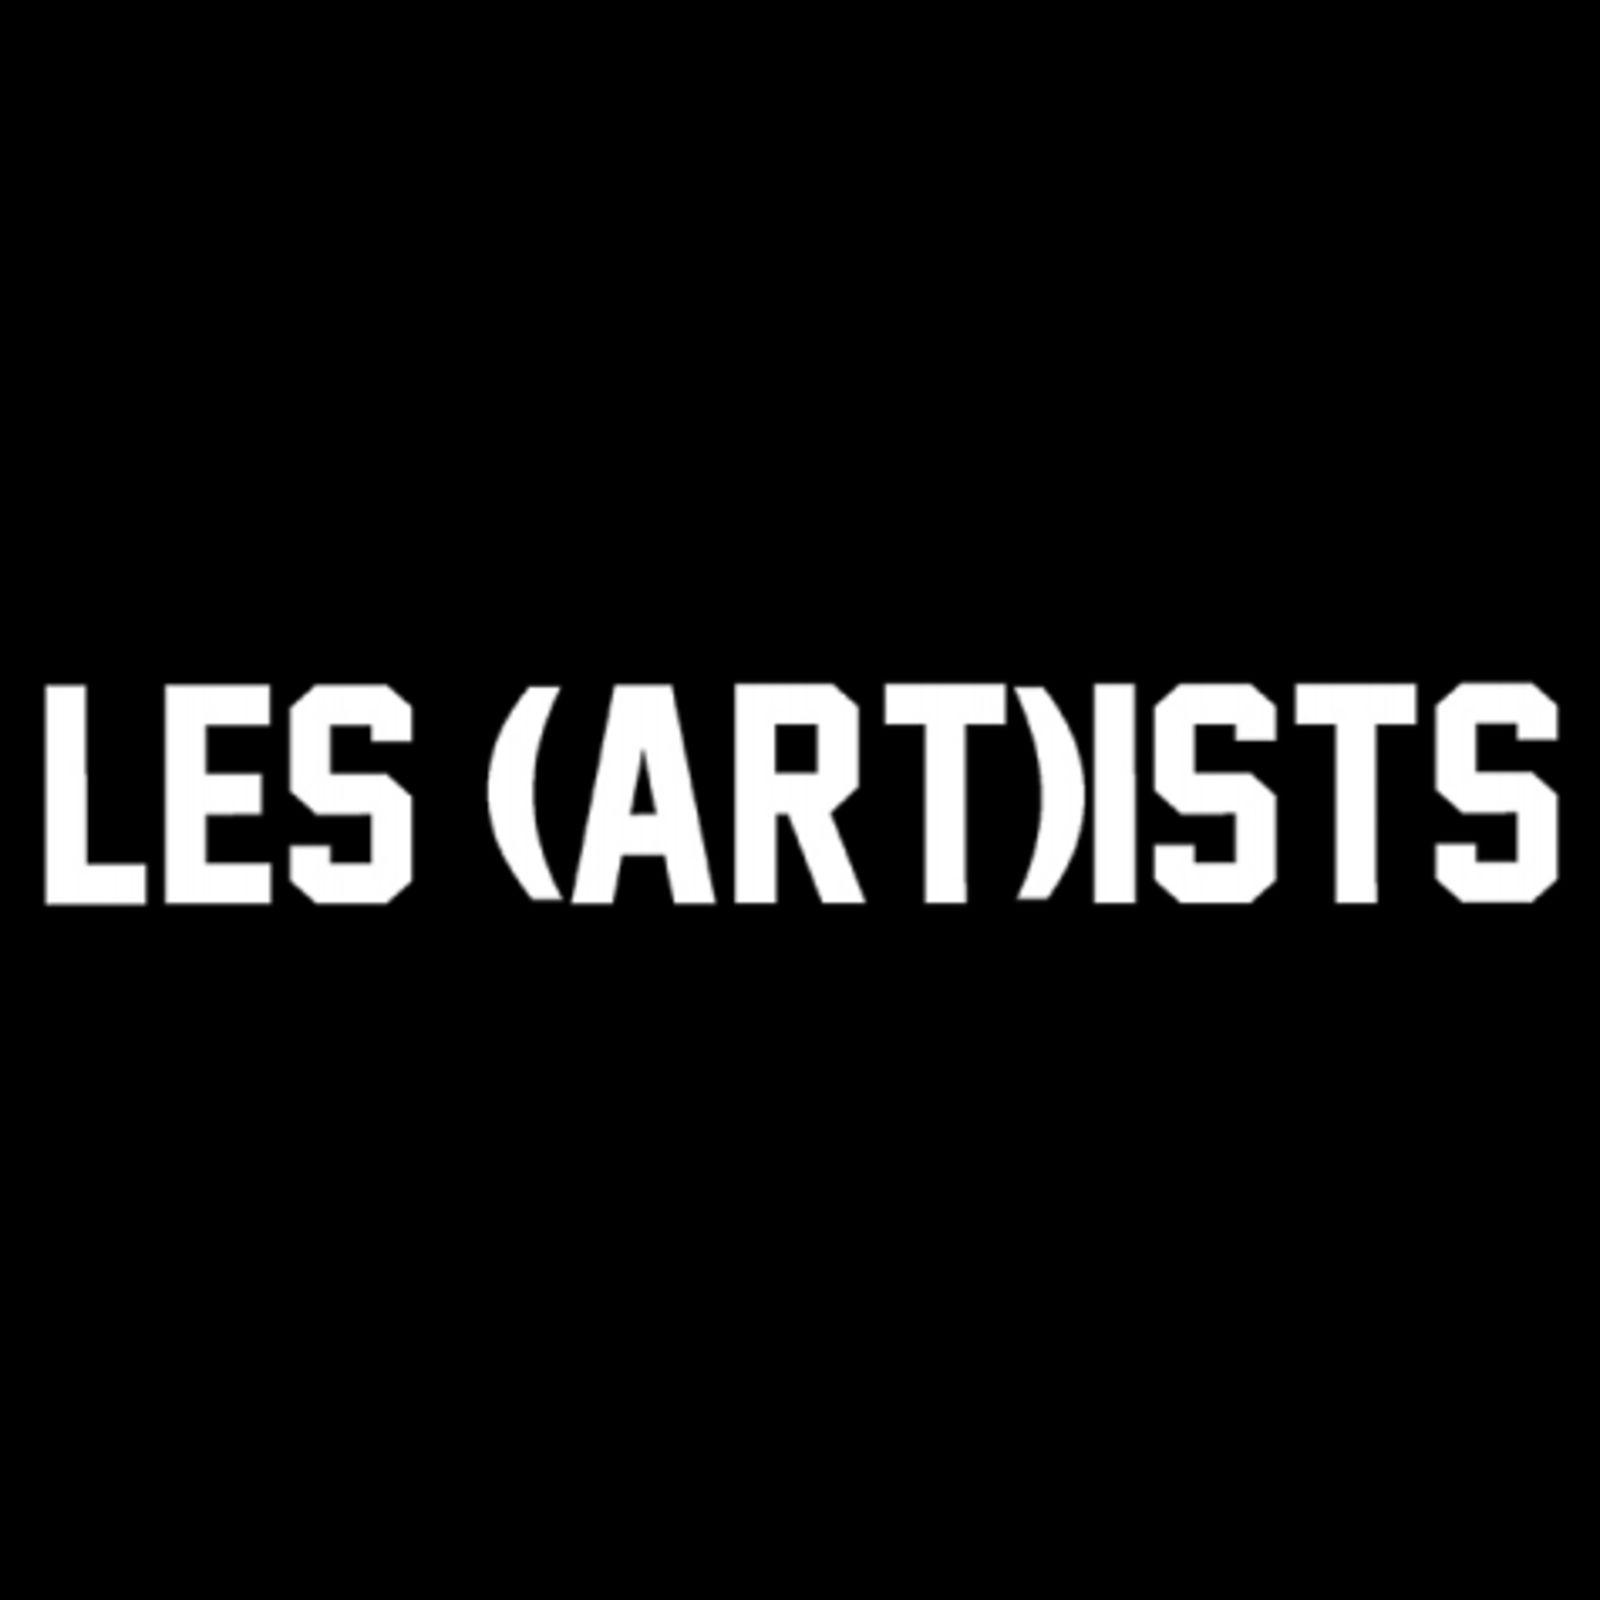 CLUB LES (ART)ISTS